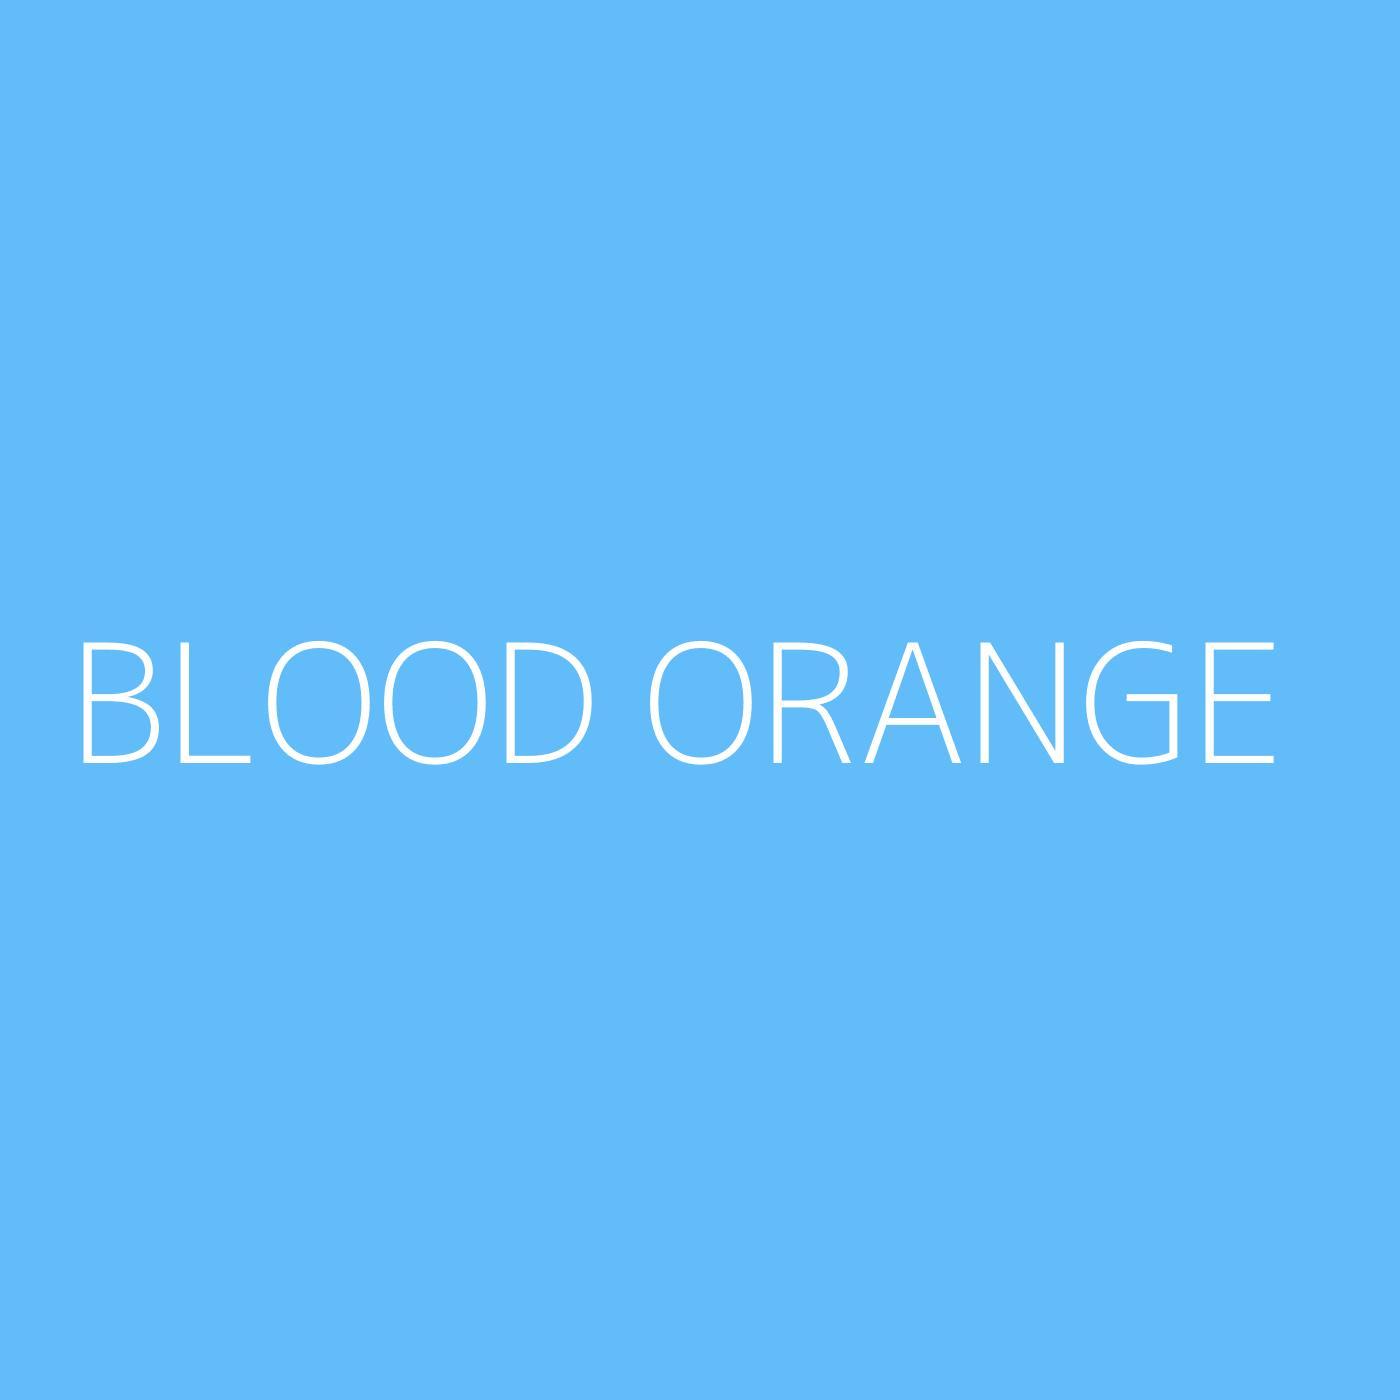 Blood Orange Playlist Artwork